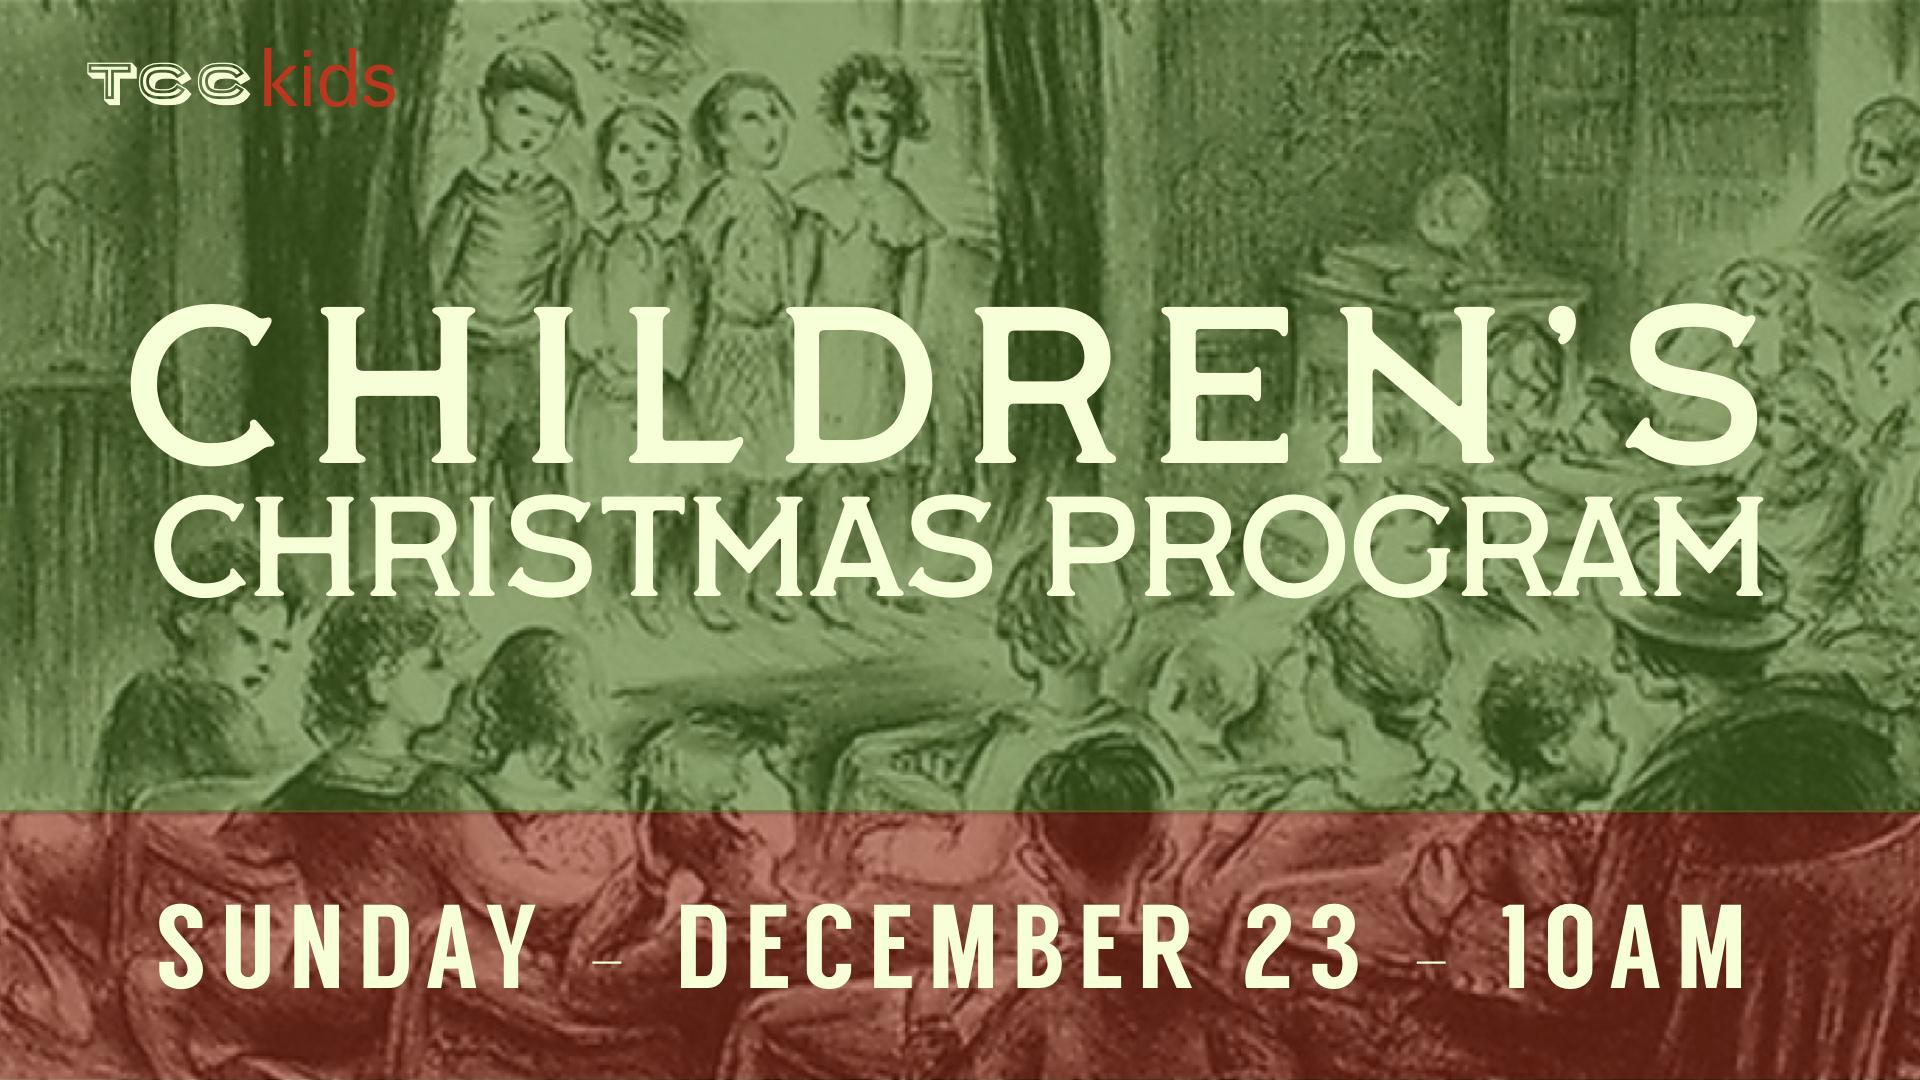 Children's Christmas Program Song(s)